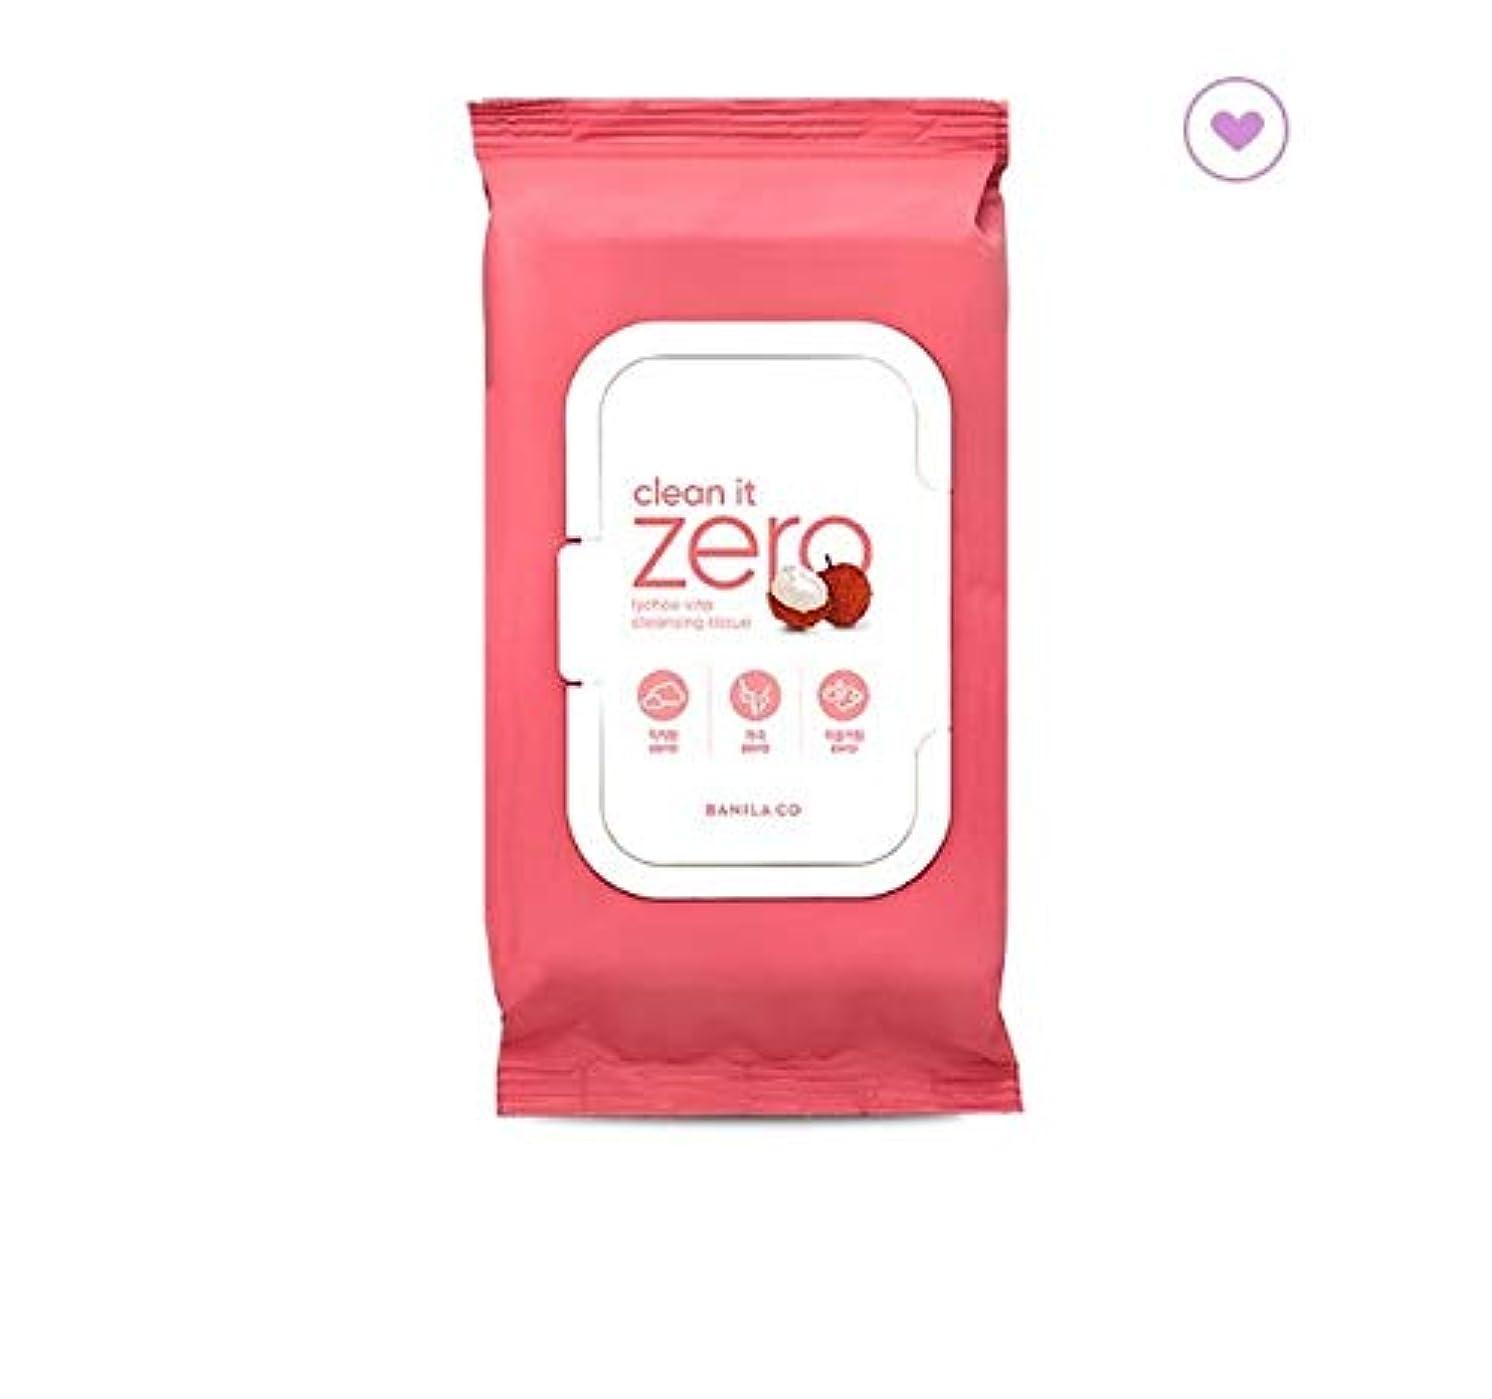 あなたのものグループ機械的banilaco クリーンイットゼロライチヴィータクレンジングティッシュ80枚 / Clean It Zero Lychee Vita Cleansing Tissue 80 sheets (430g) [並行輸入品]